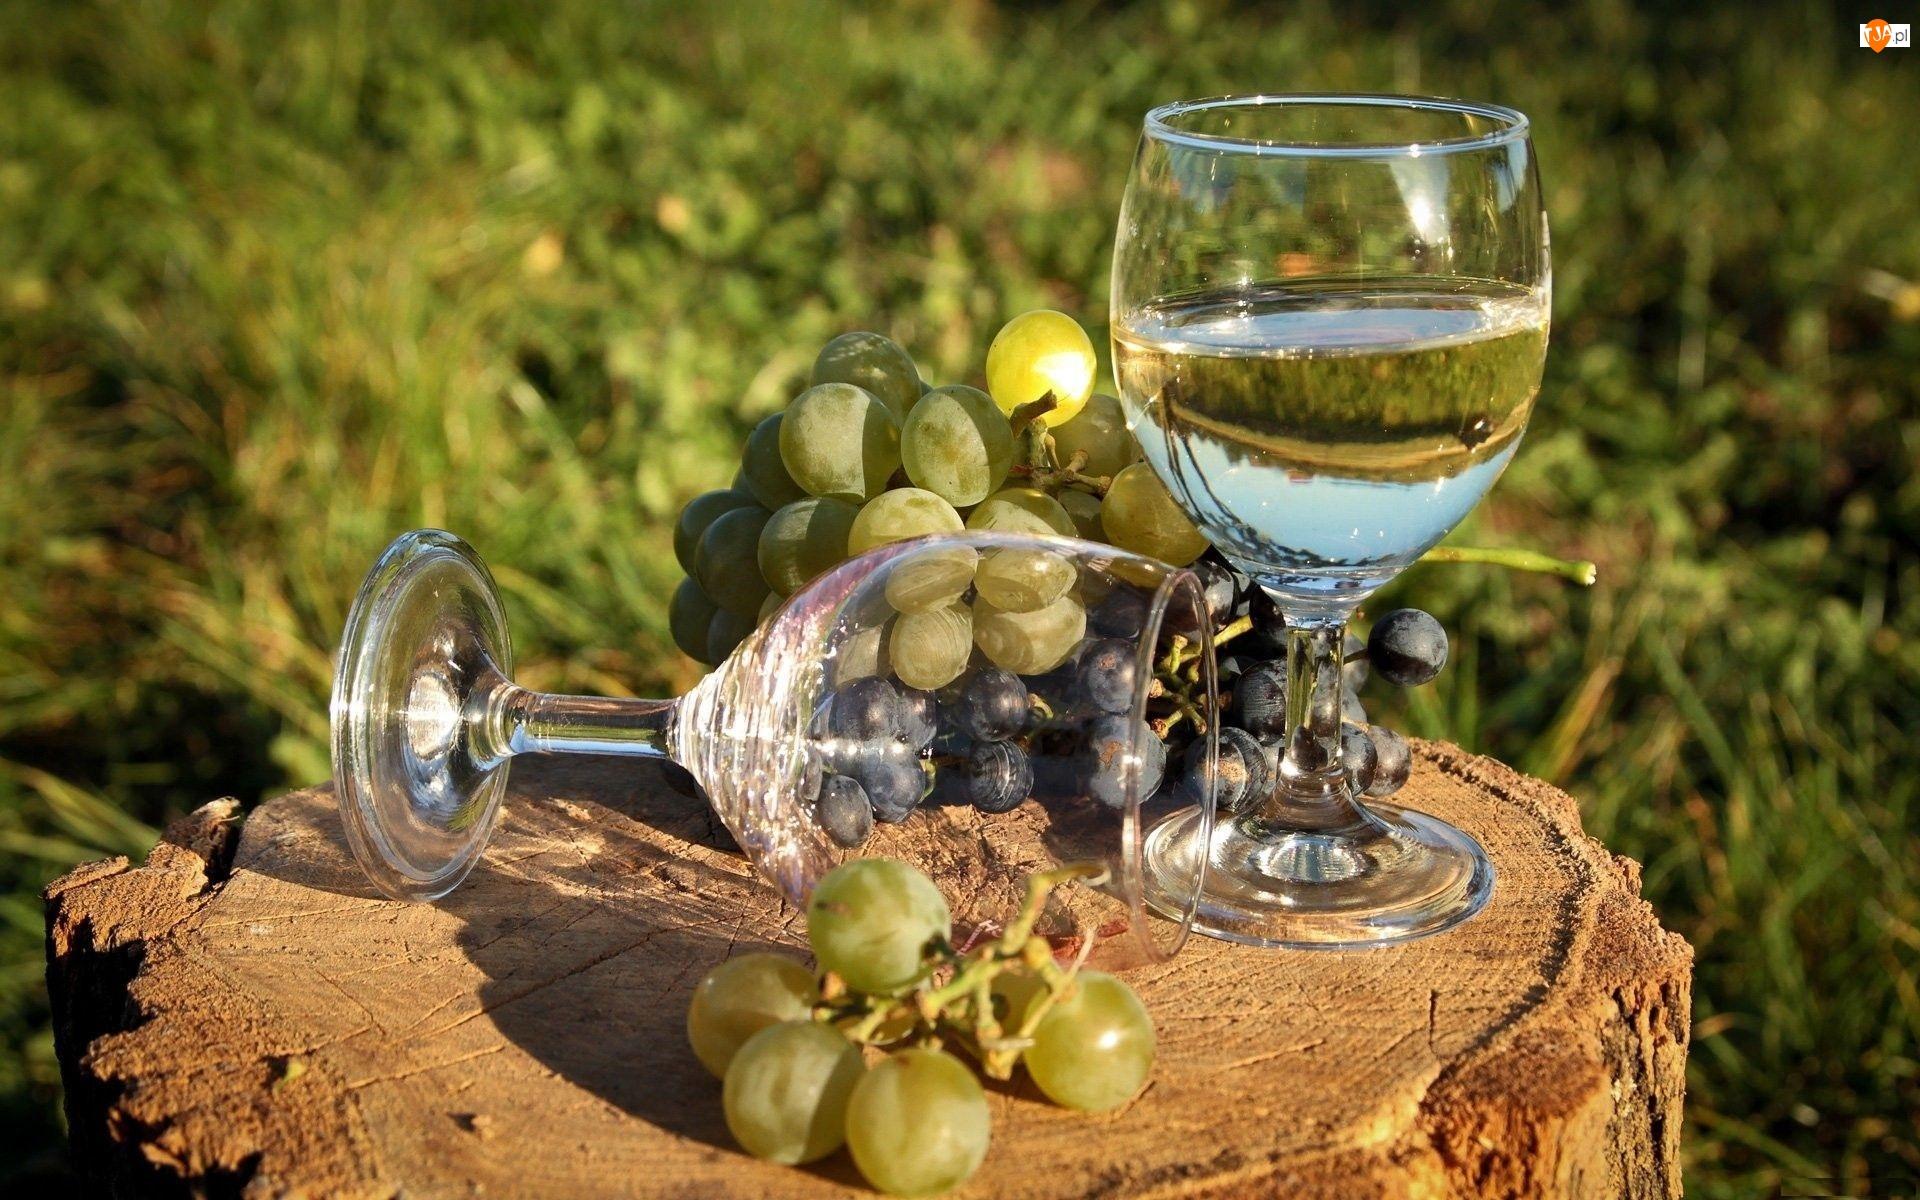 Kieliszki, Winogrono, Wino, Białe, Pień